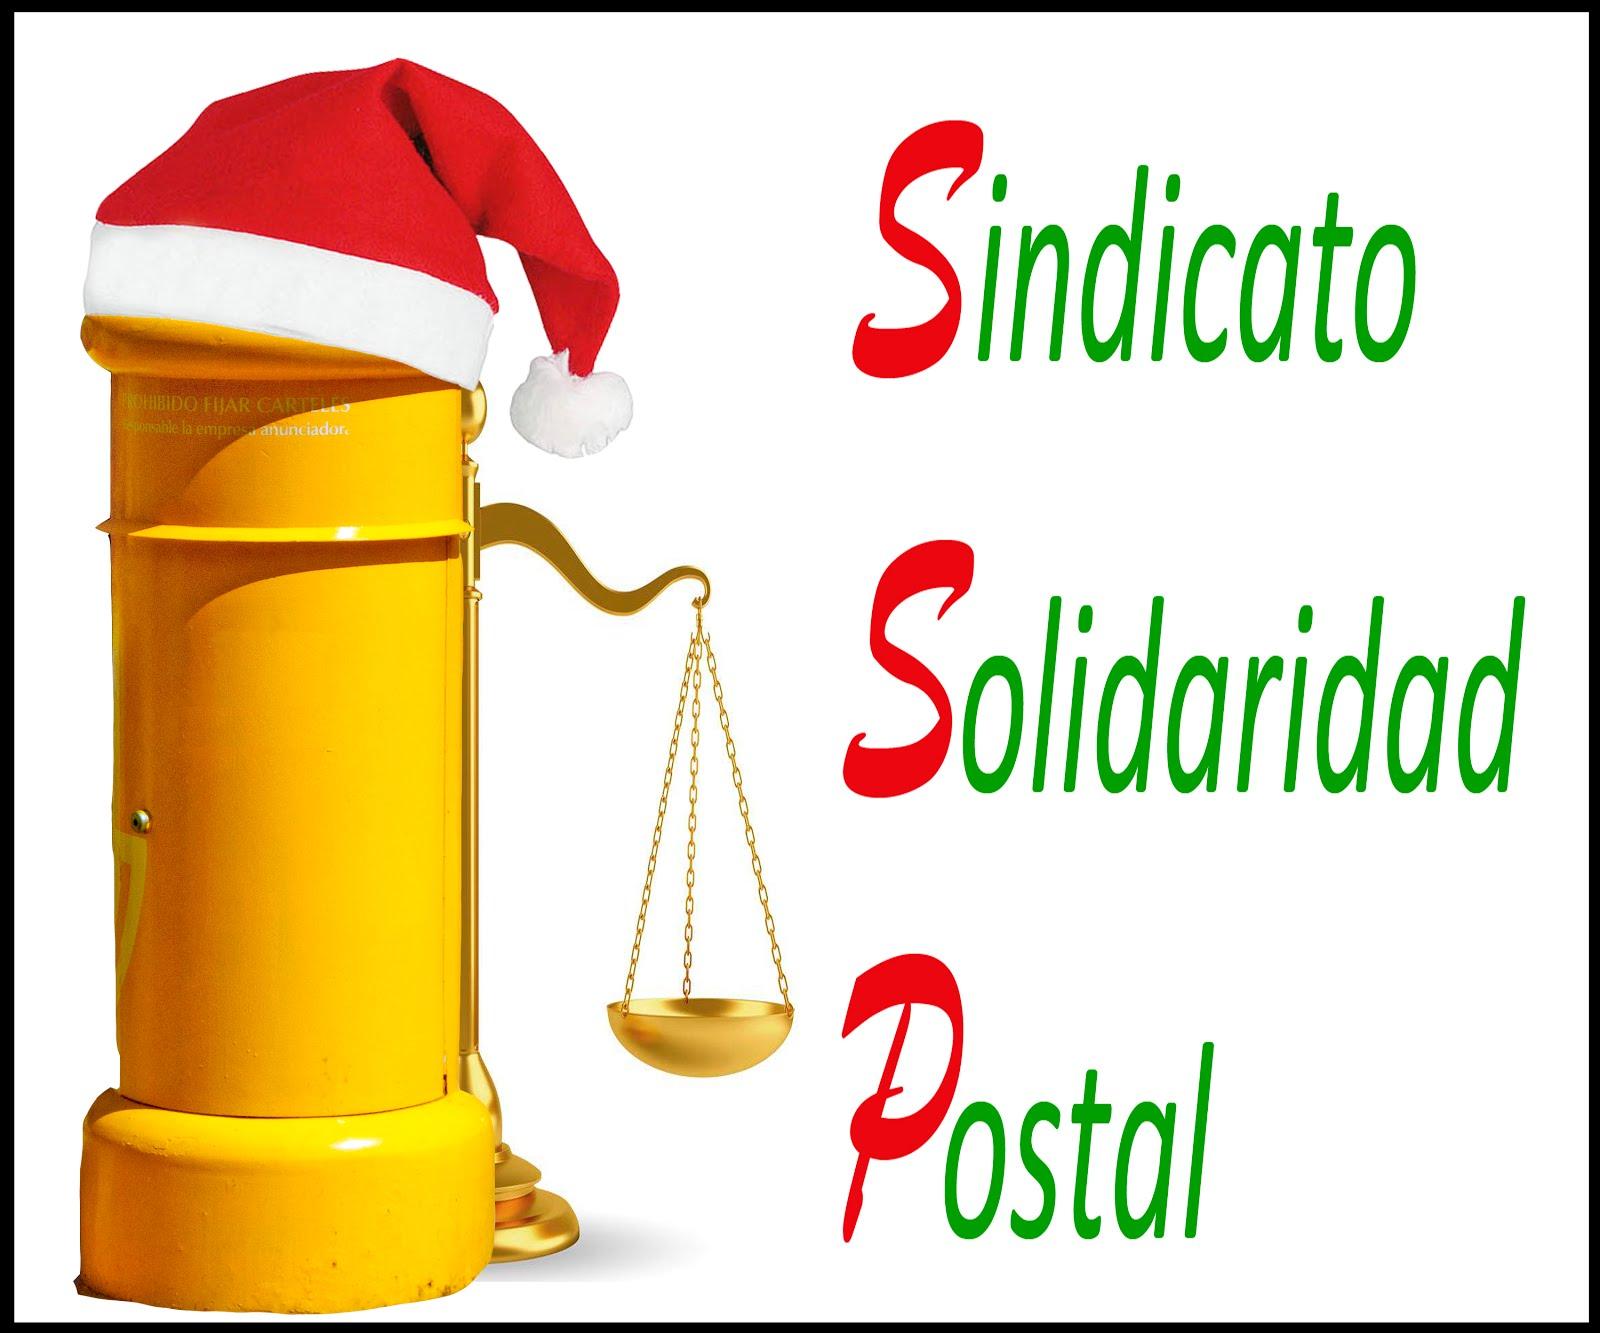 ELECCIONES SINDICALES DE CORREOS el 17 de Diciembre de 2015,de 9h a 20h Alicante- *VOTA a SSP*